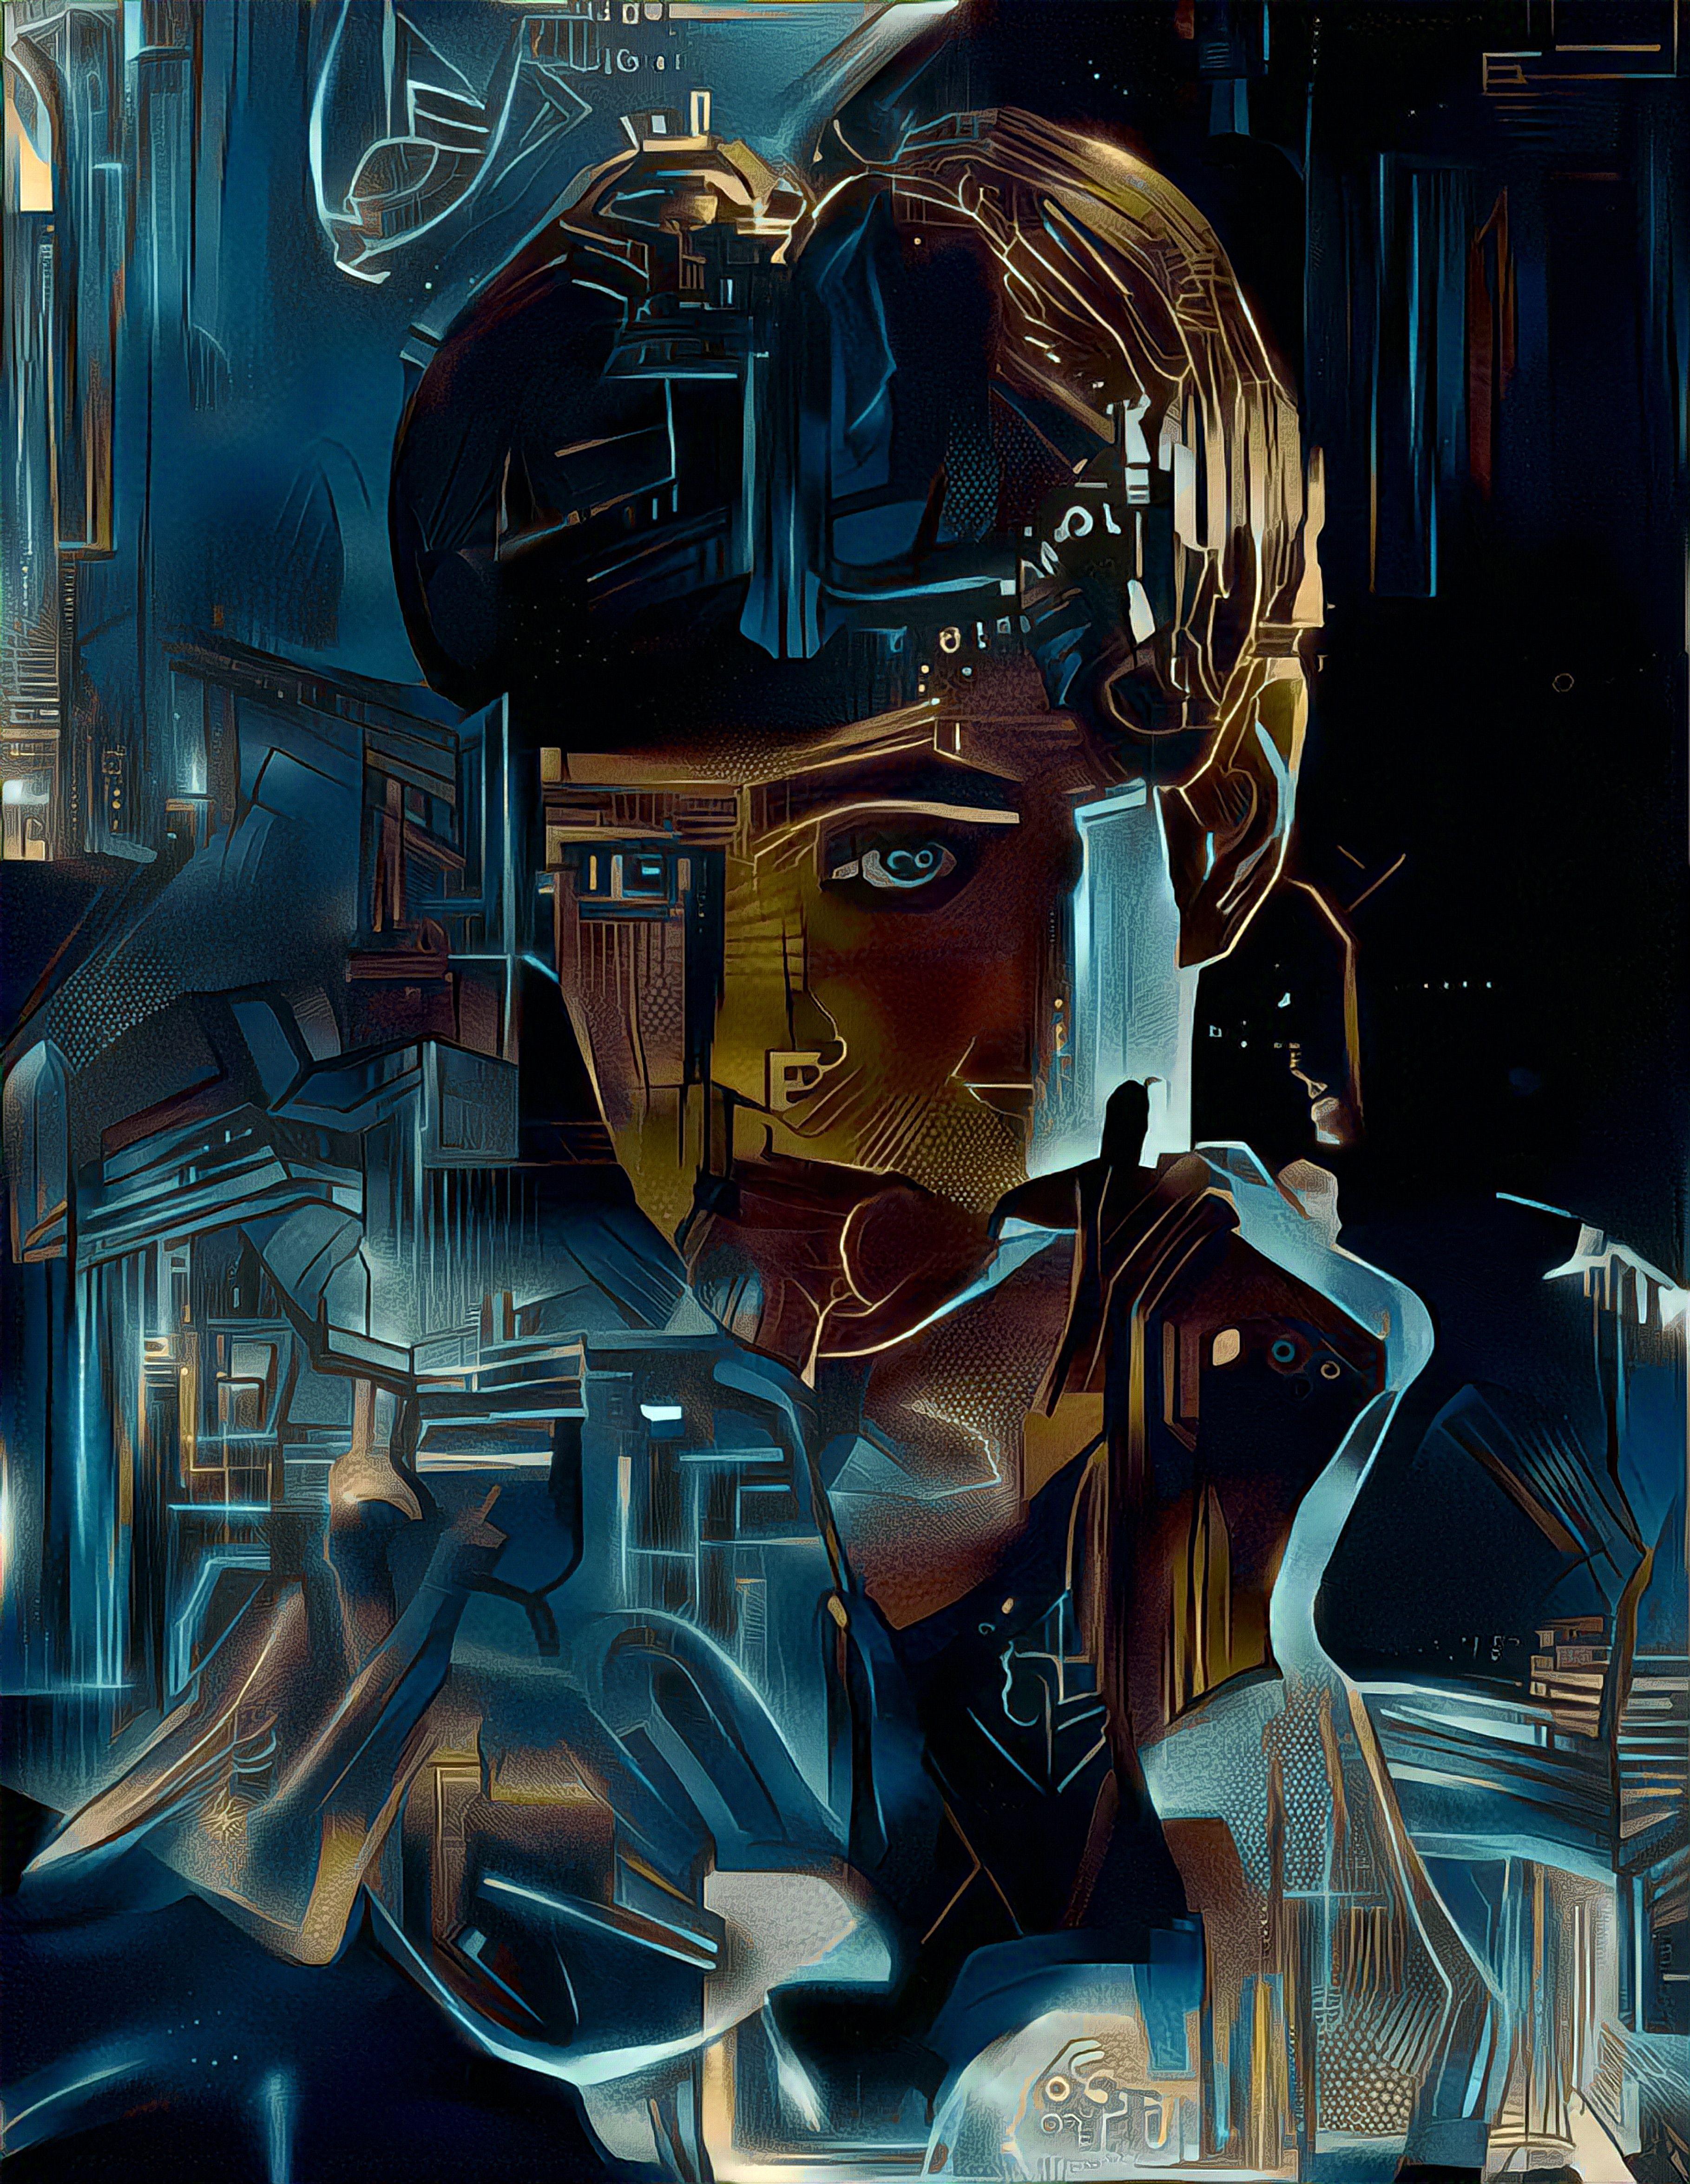 Bladerunner Rachael Sean Young Blade Runner Blade Runner Art Pop Culture Art